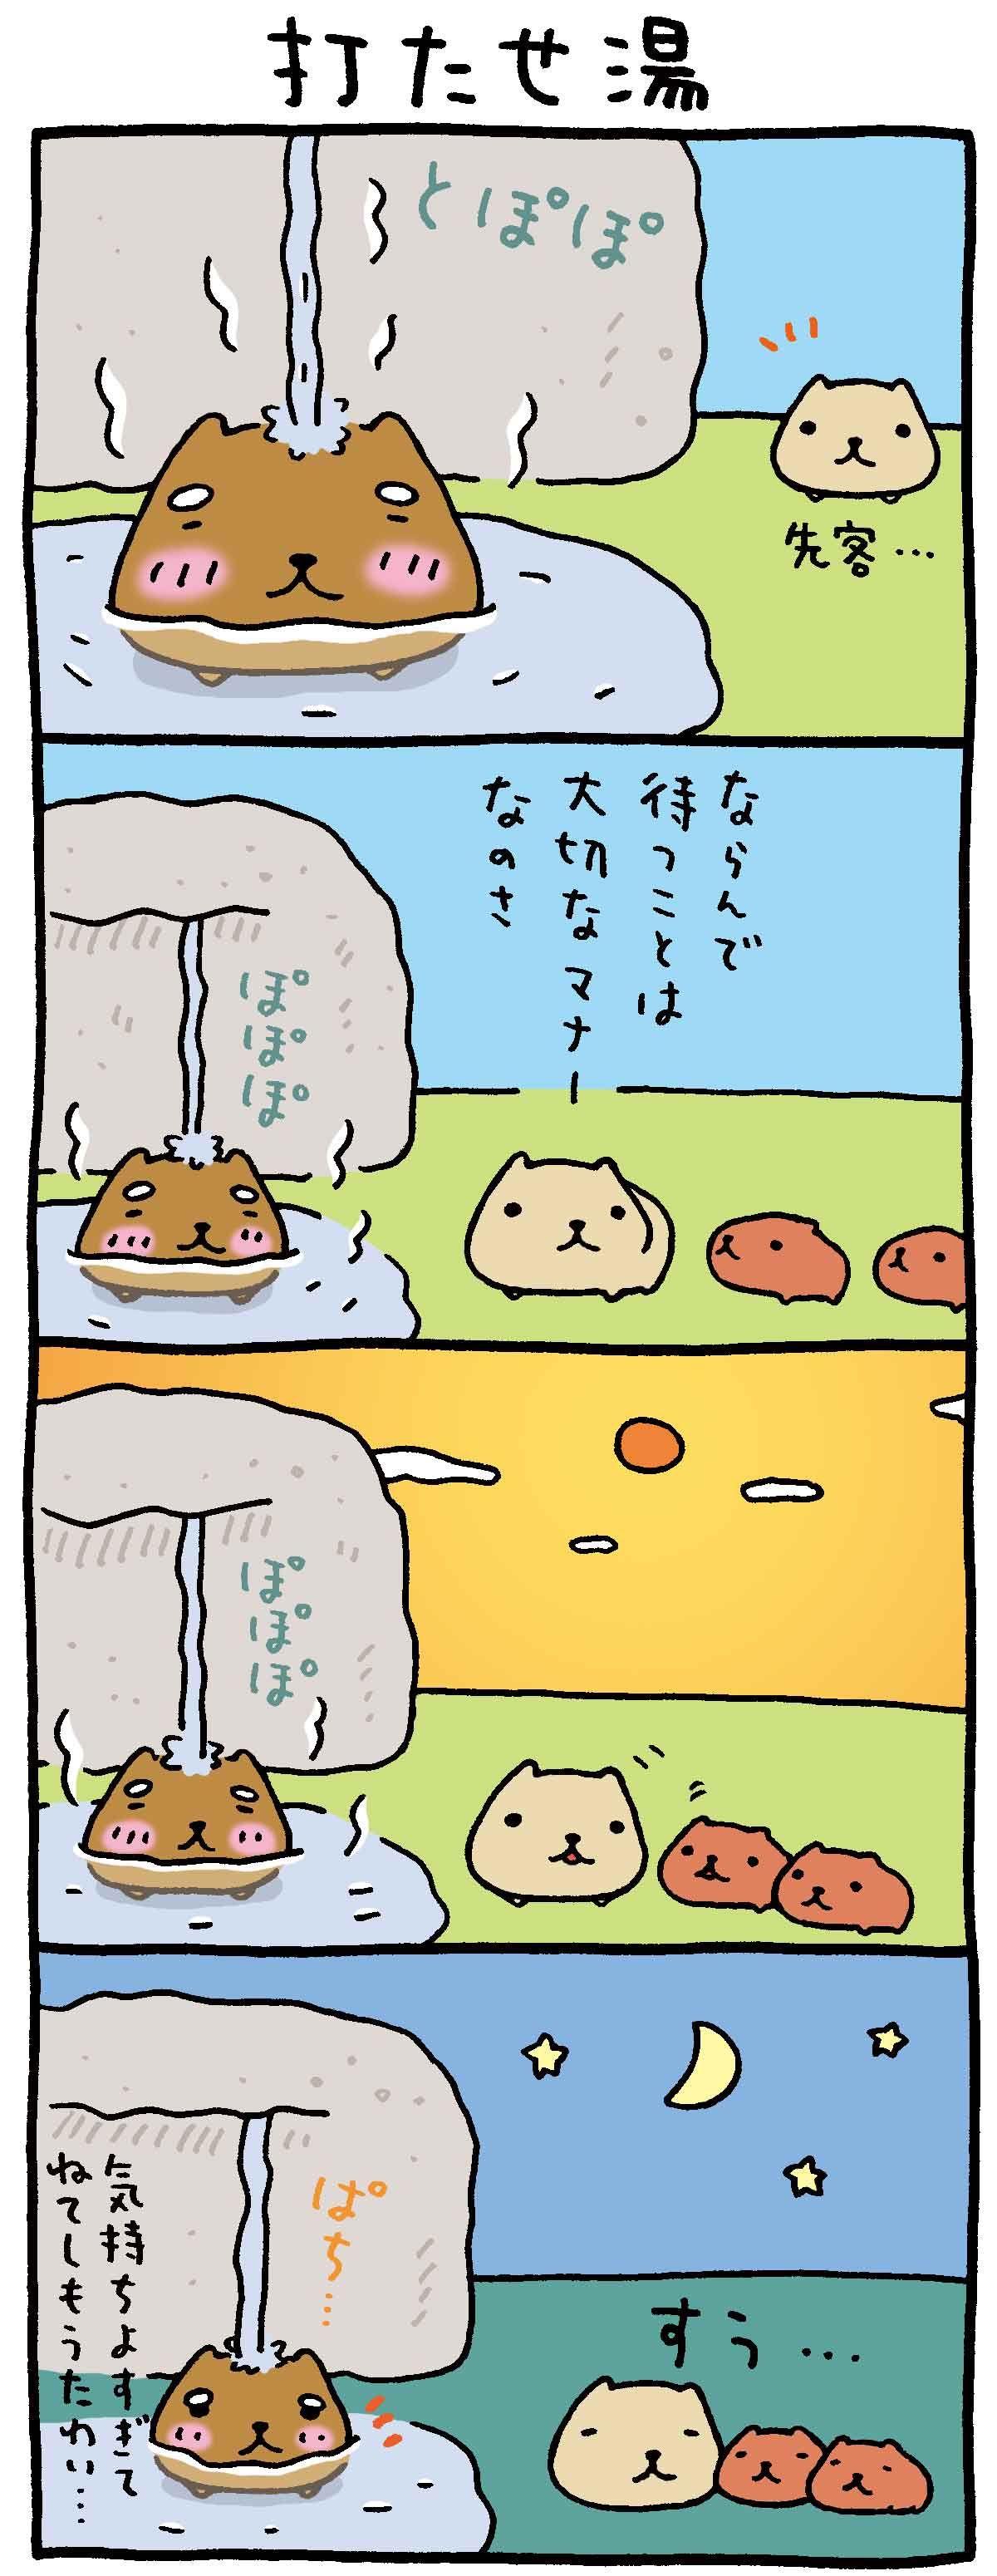 カピバラさん 打たせ湯 無料で読める漫画 4コマサイト